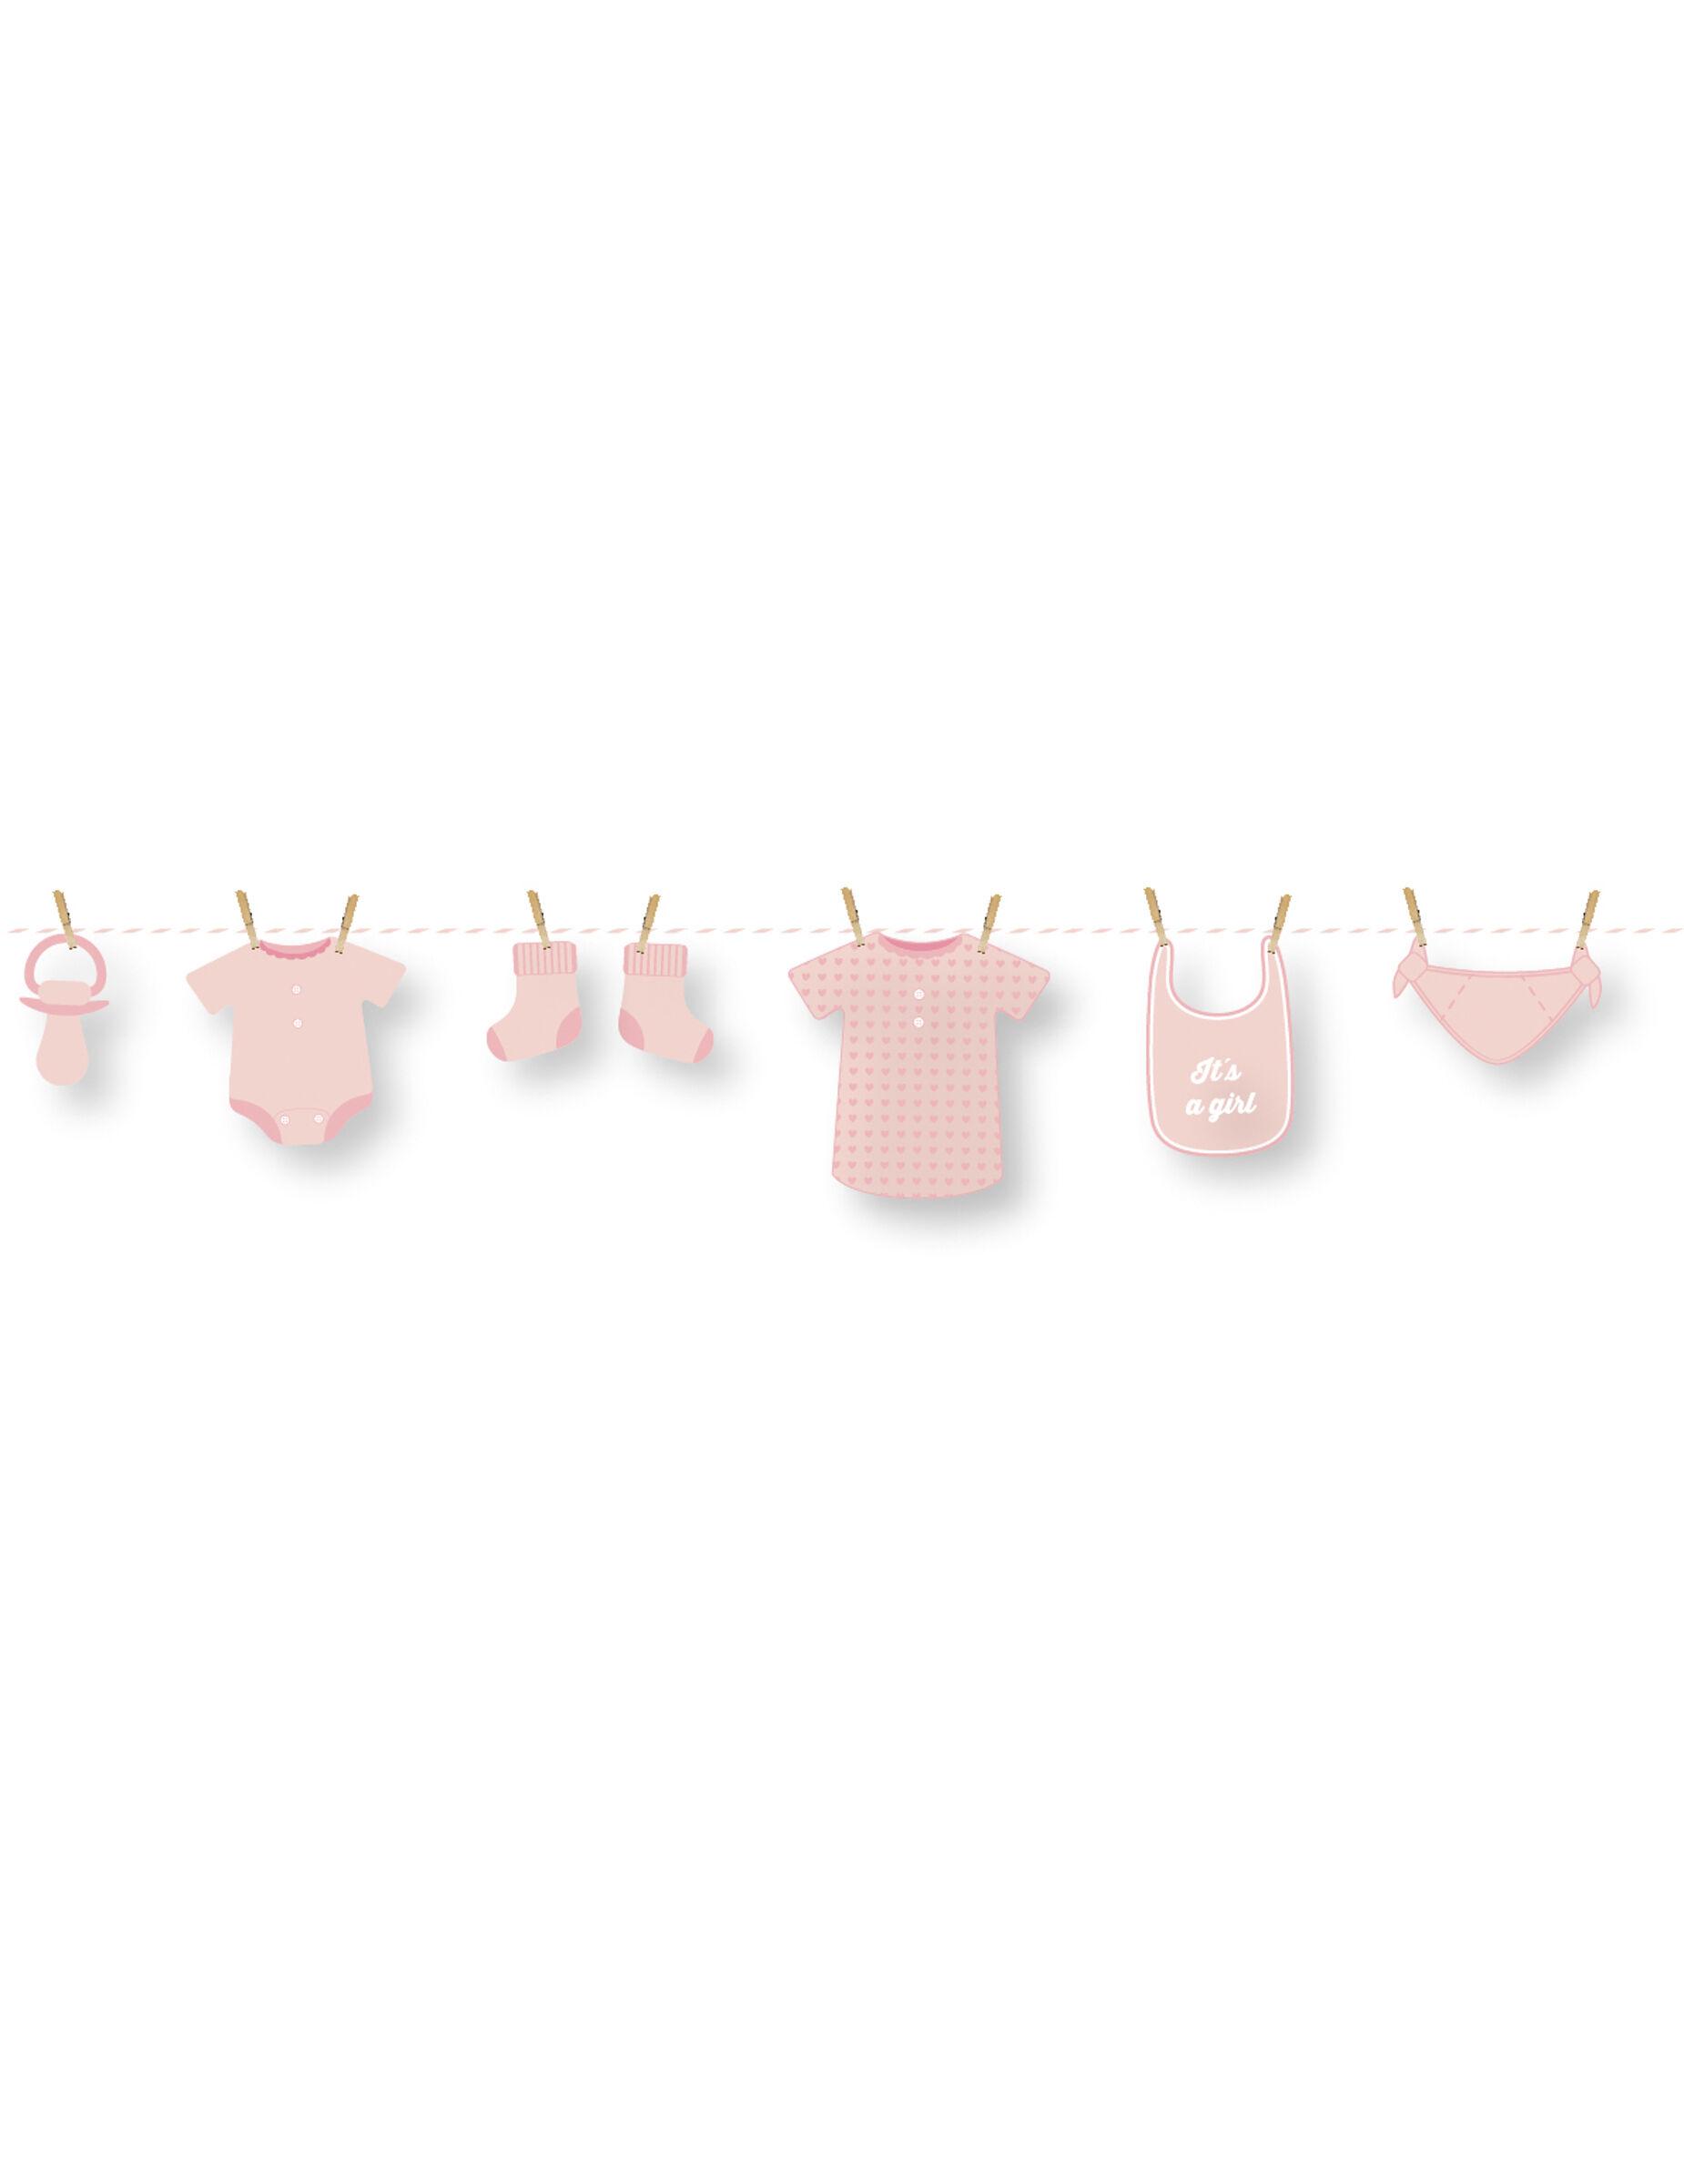 VegaooParty Guirlande en carton DIY bébé rose 1,5 m